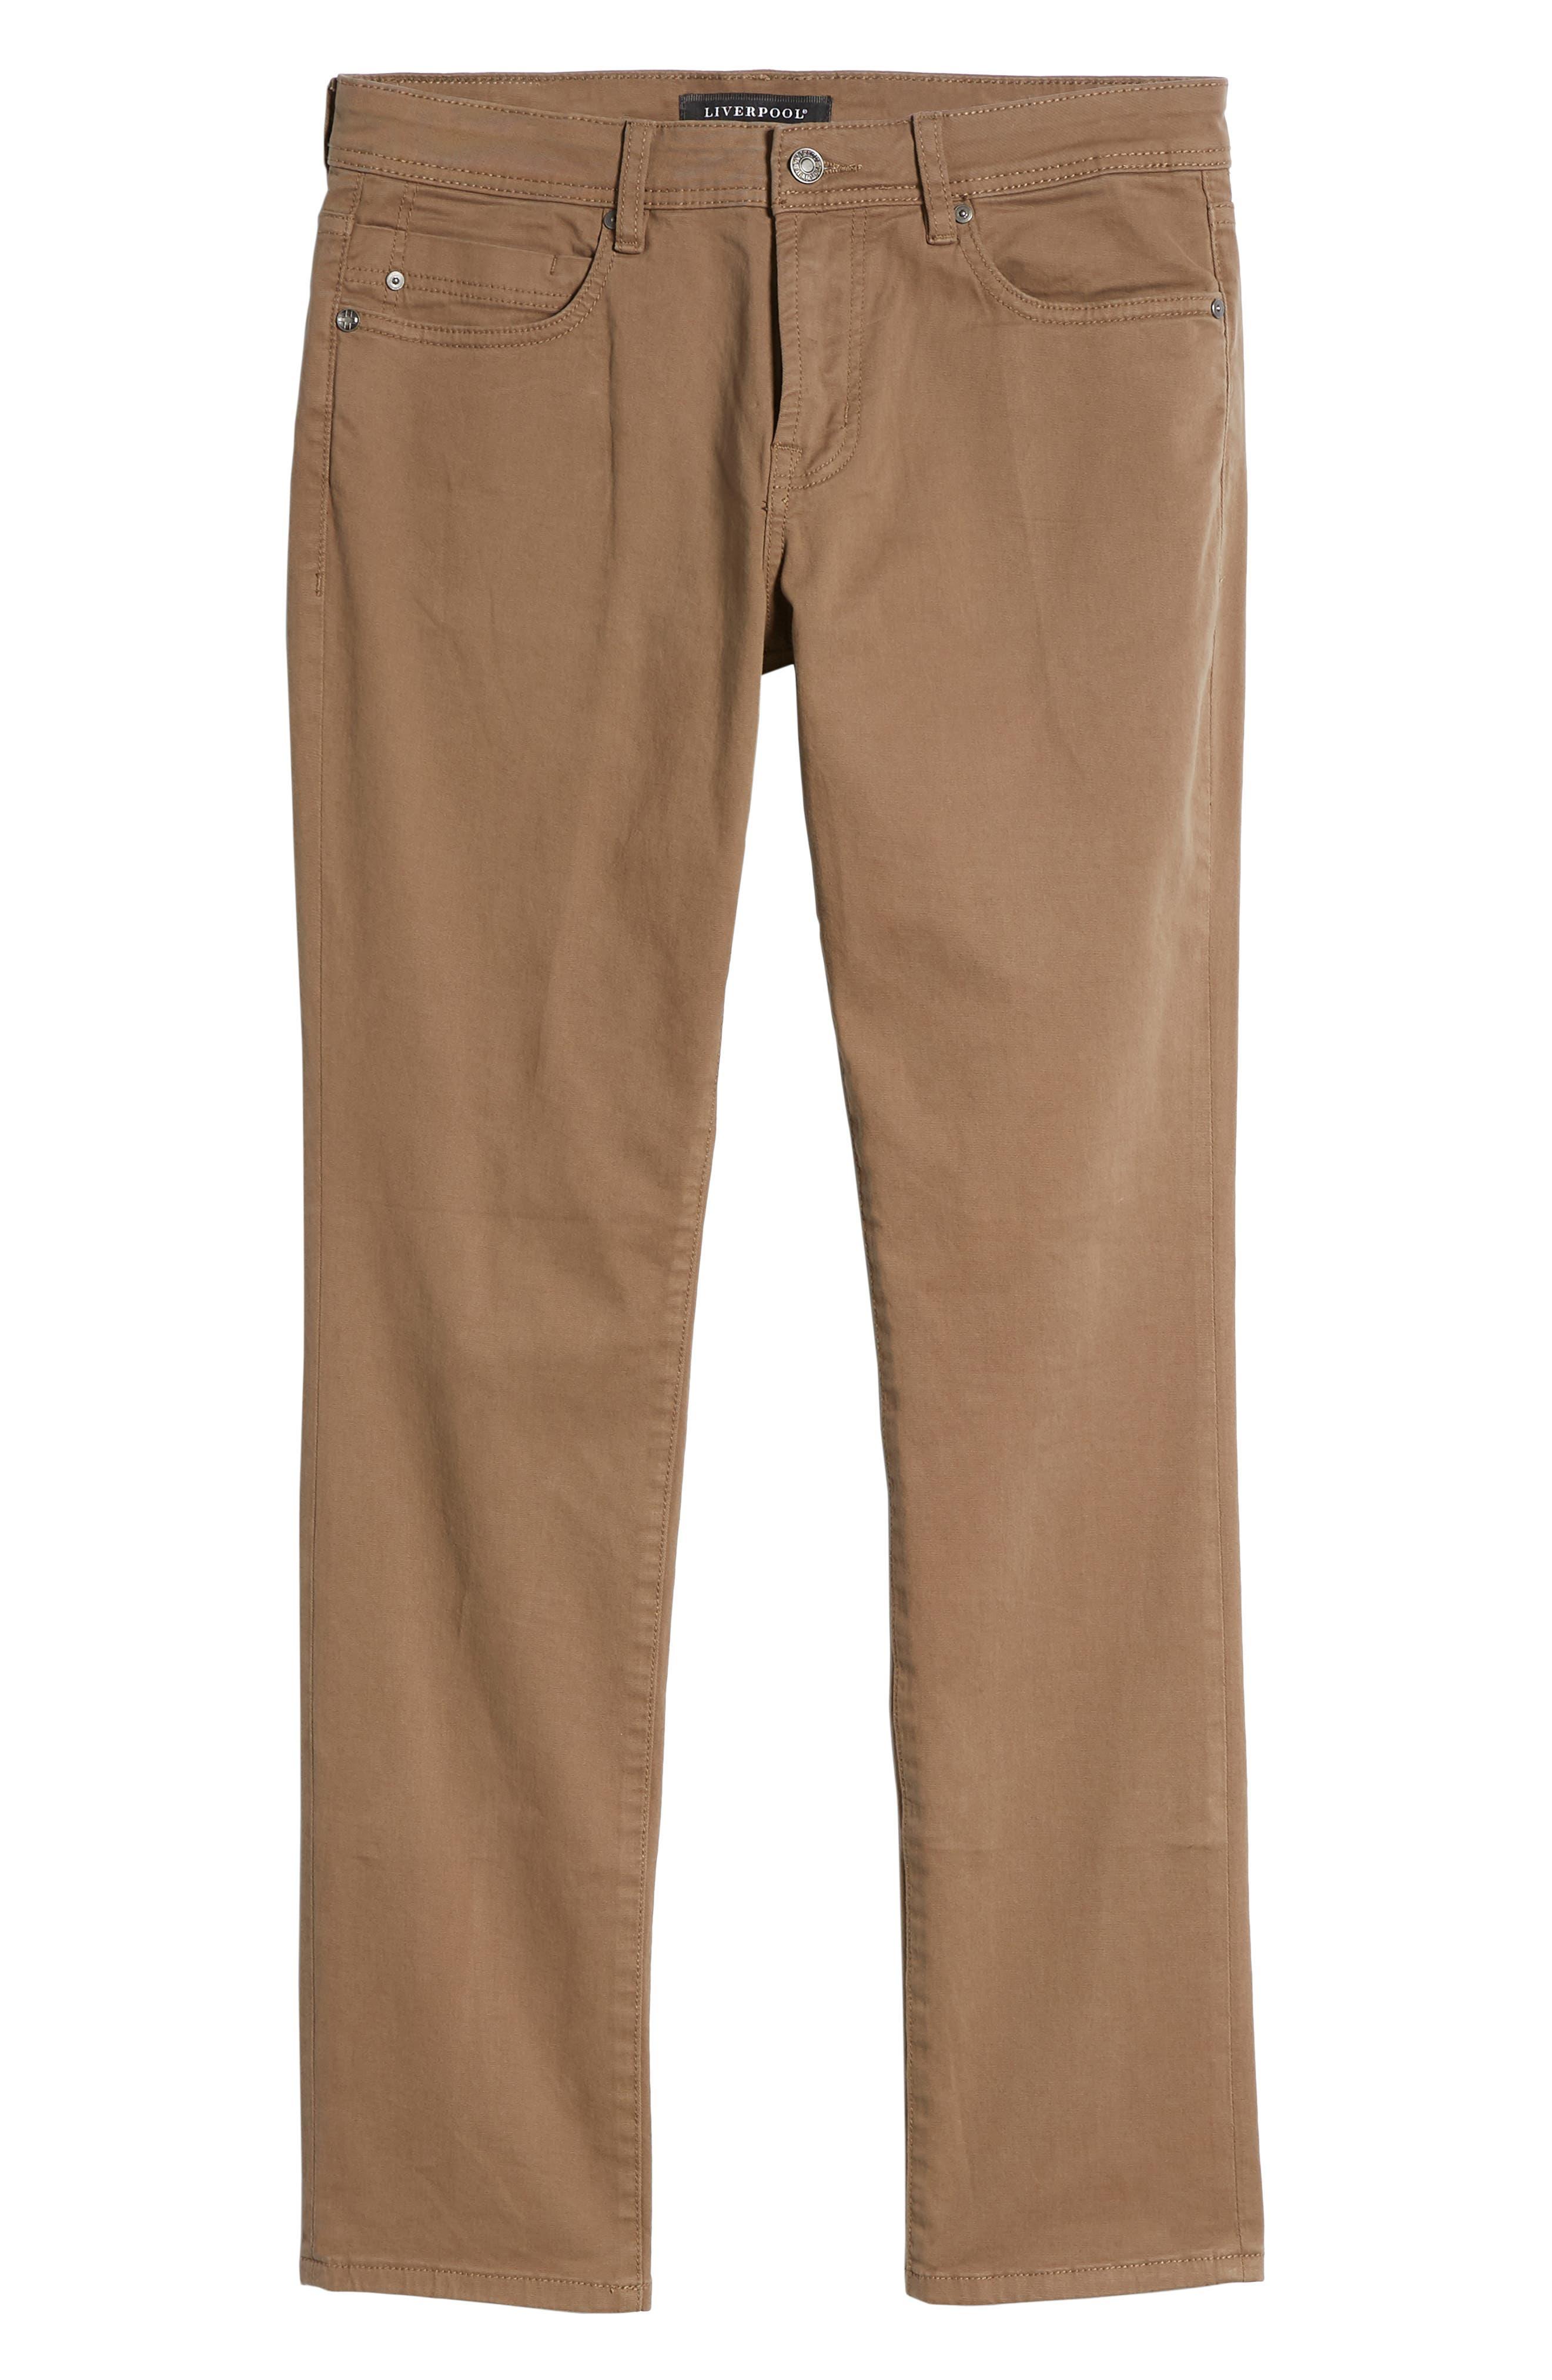 Jeans Co. Kingston Slim Straight Leg Jeans,                             Alternate thumbnail 6, color,                             CUB